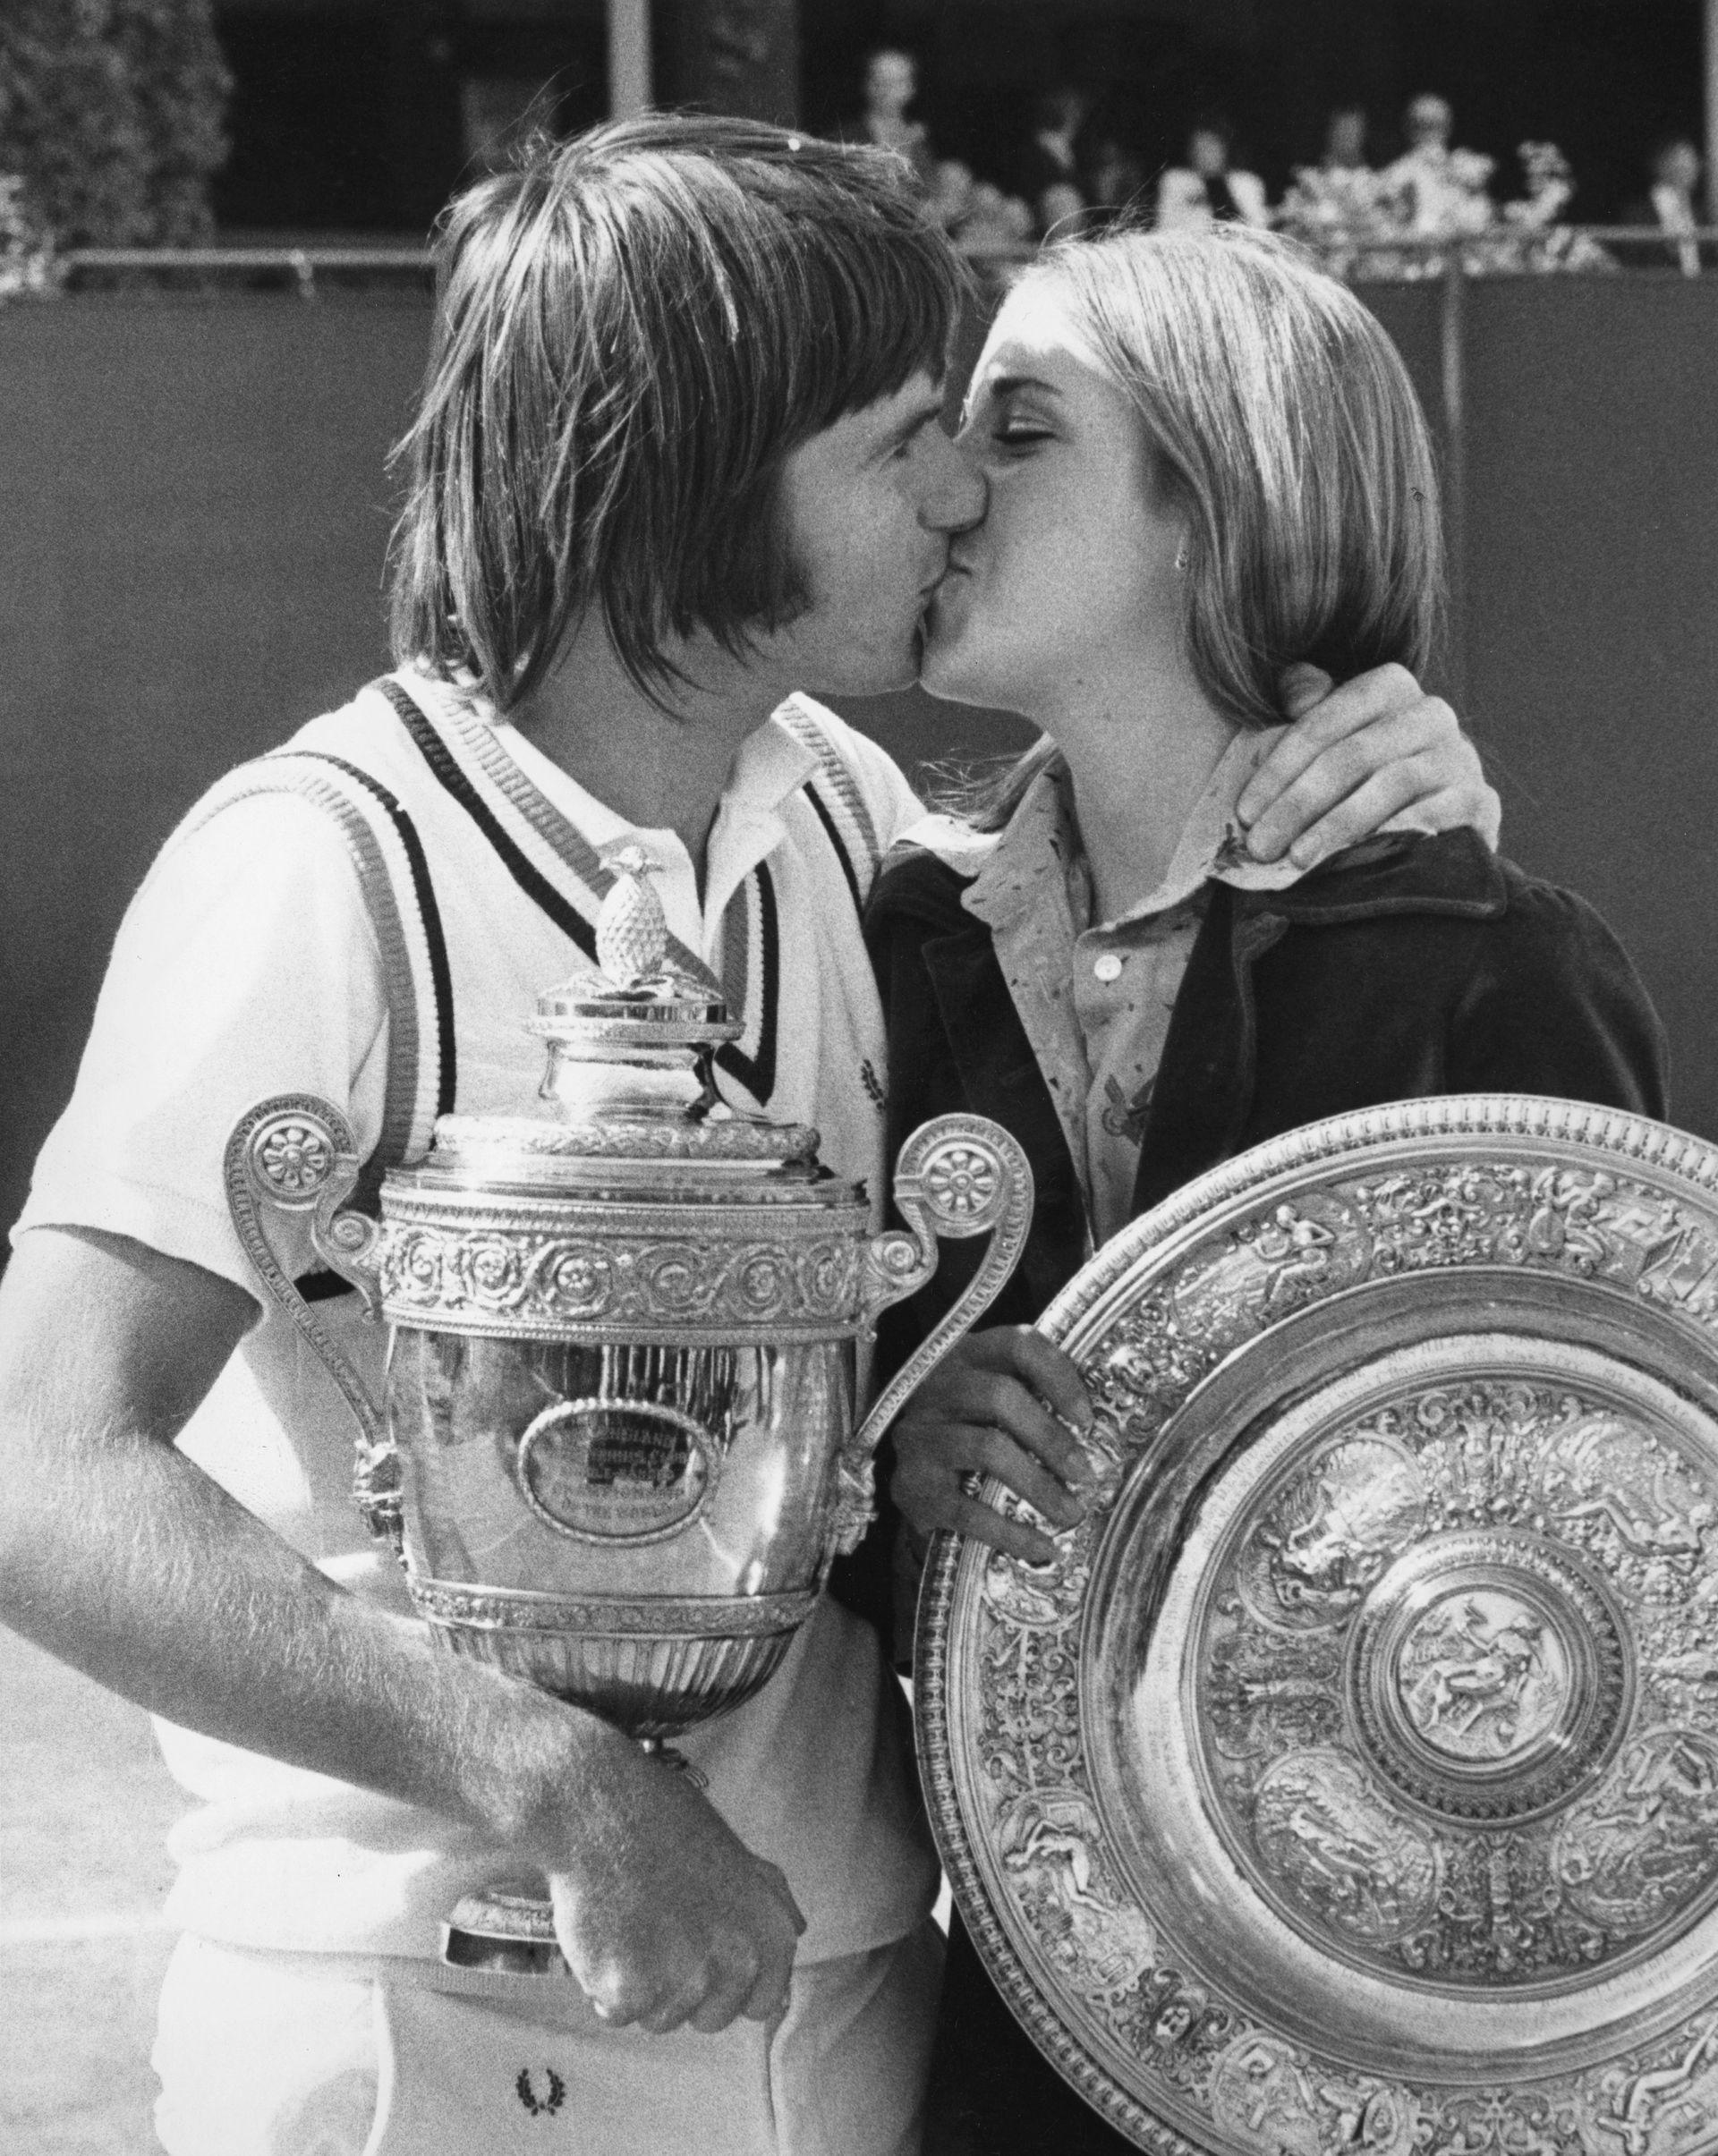 Първата искра - с Джими Конърс, младата и влюбена двойка на американския тенис